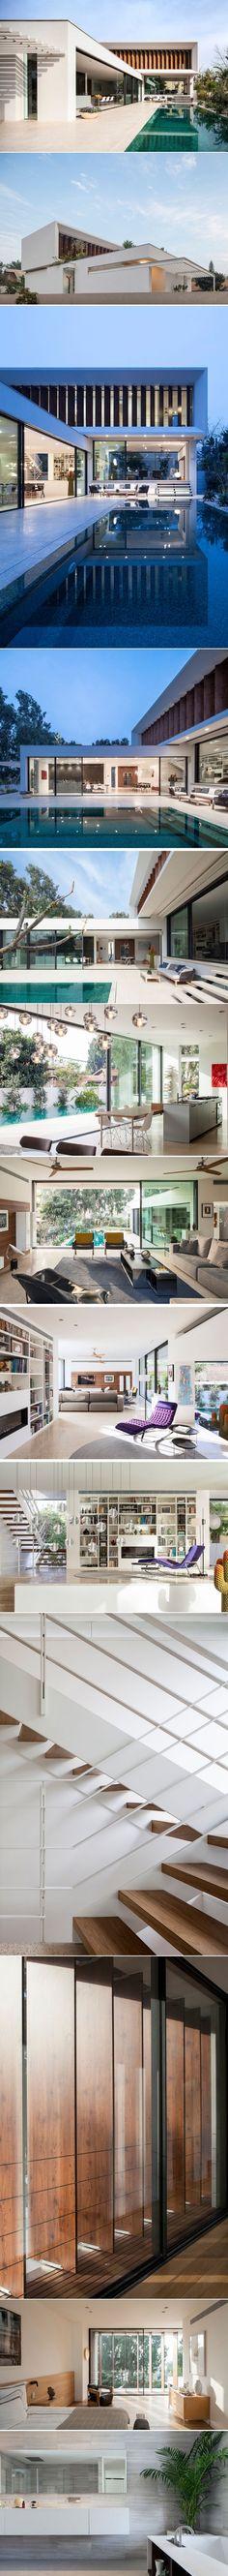 A Modern Mediterranean Villa By Paz Gersh Architects | CONTEMPORIST